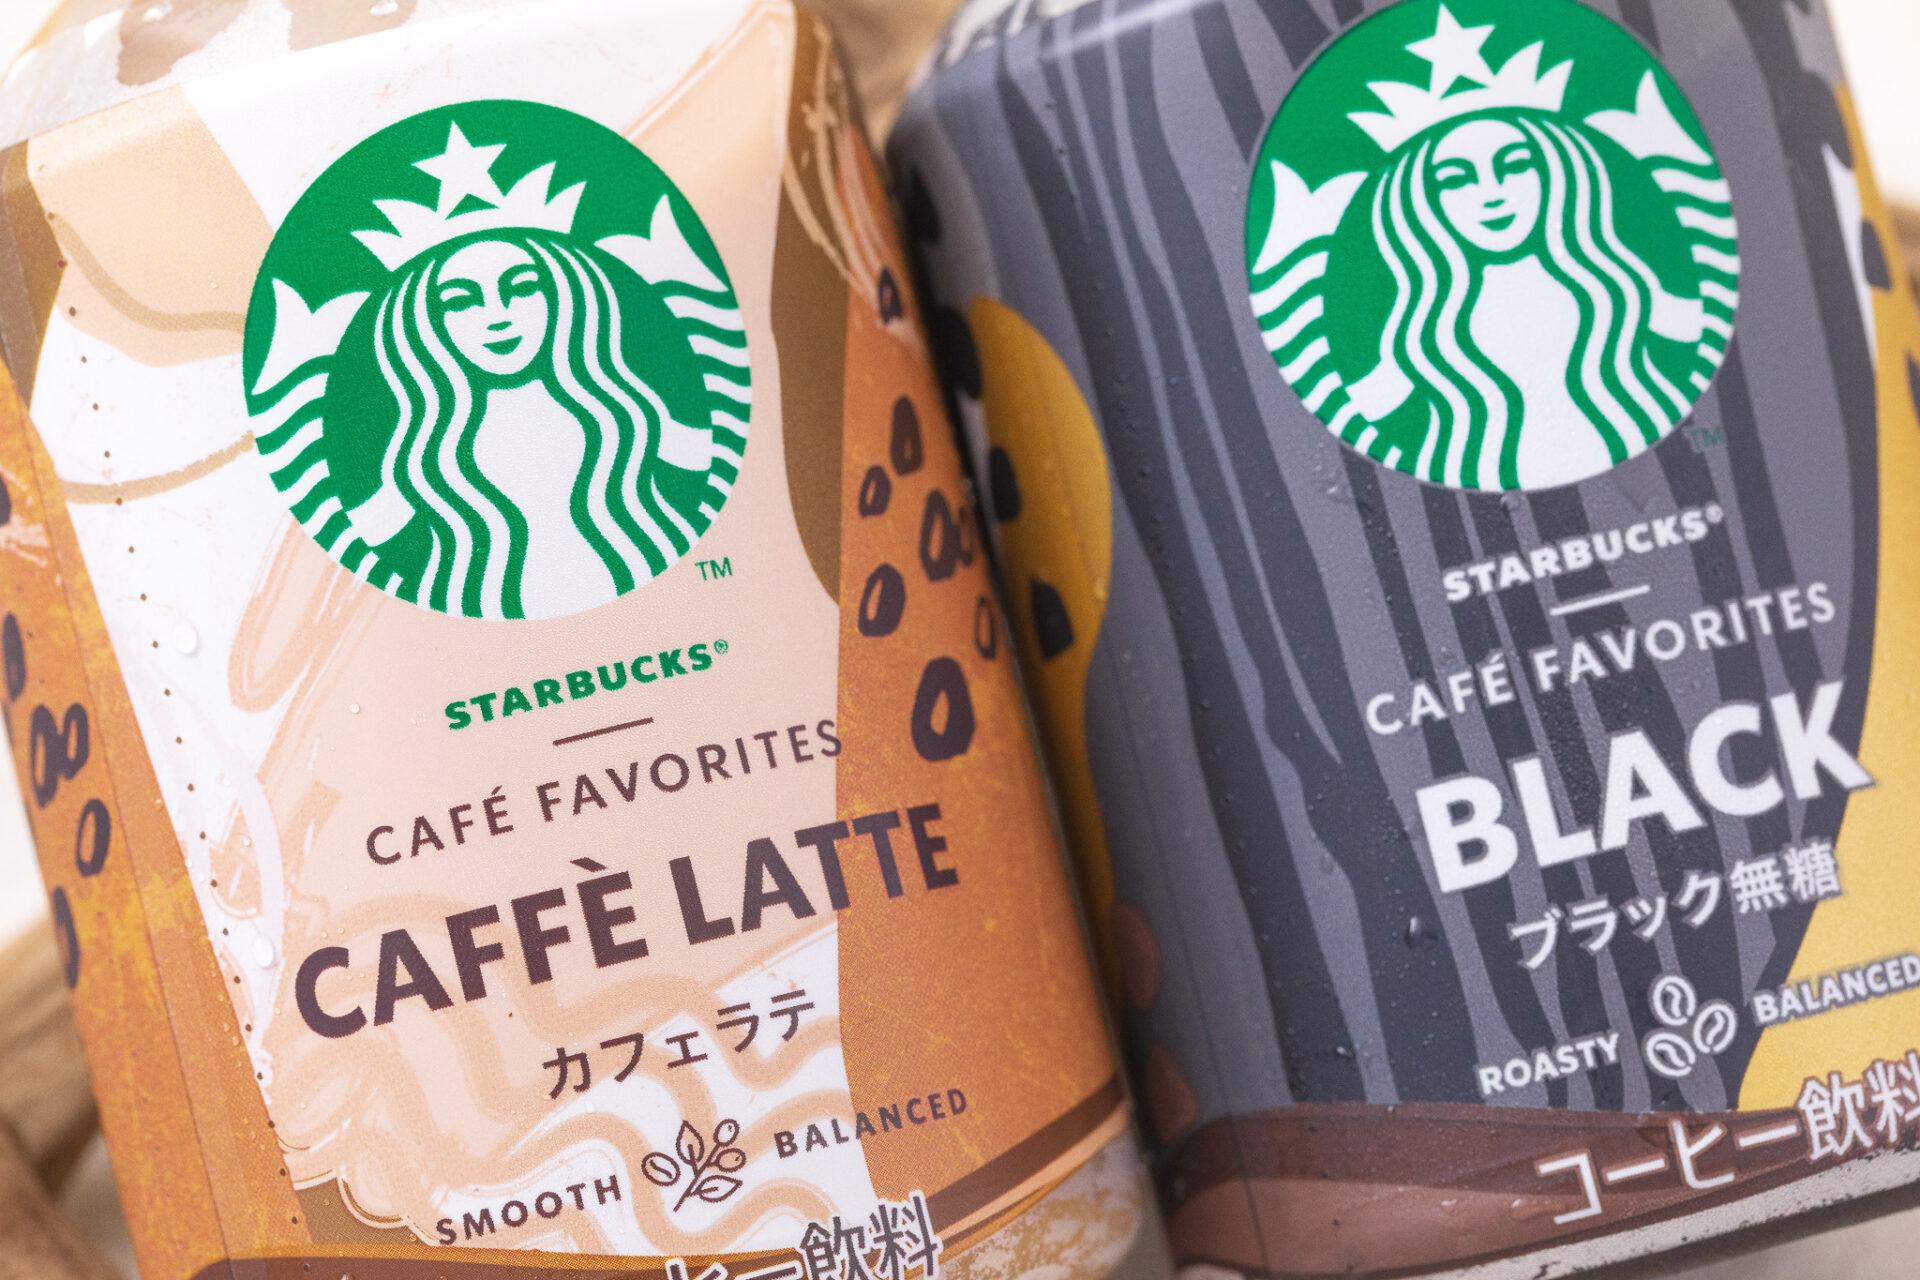 セブン&アイグループ限定『スターバックス CAFÉ FAVORITES カフェラテ』『スターバックス CAFÉ FAVORITES ブラック無糖』